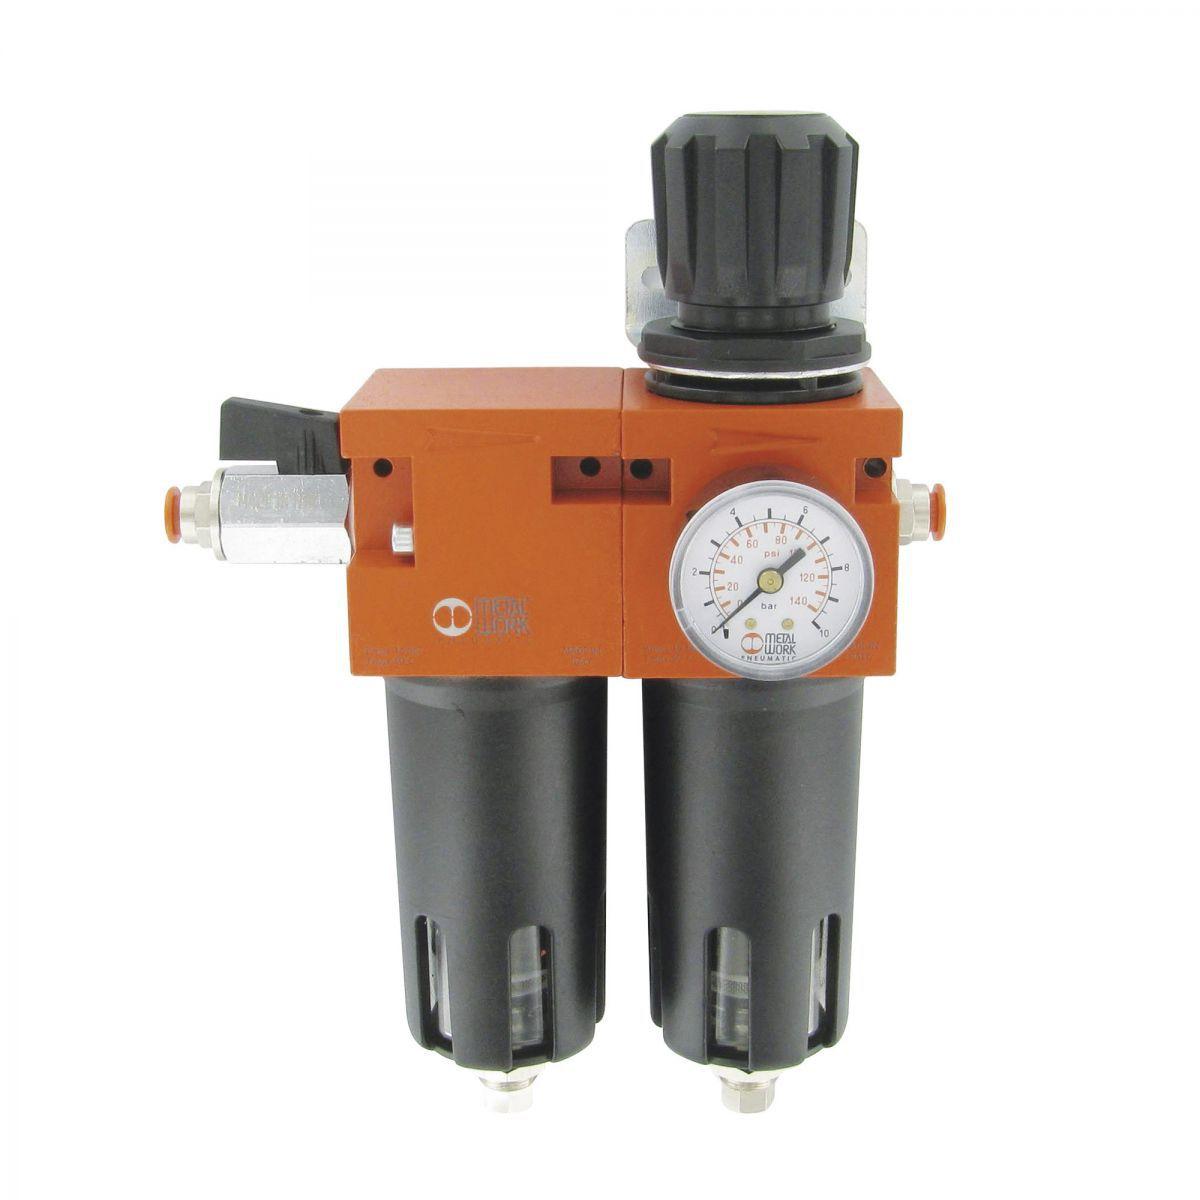 rgulateur de pression avec double filtre sparateur dhumidit et purge deau automatique